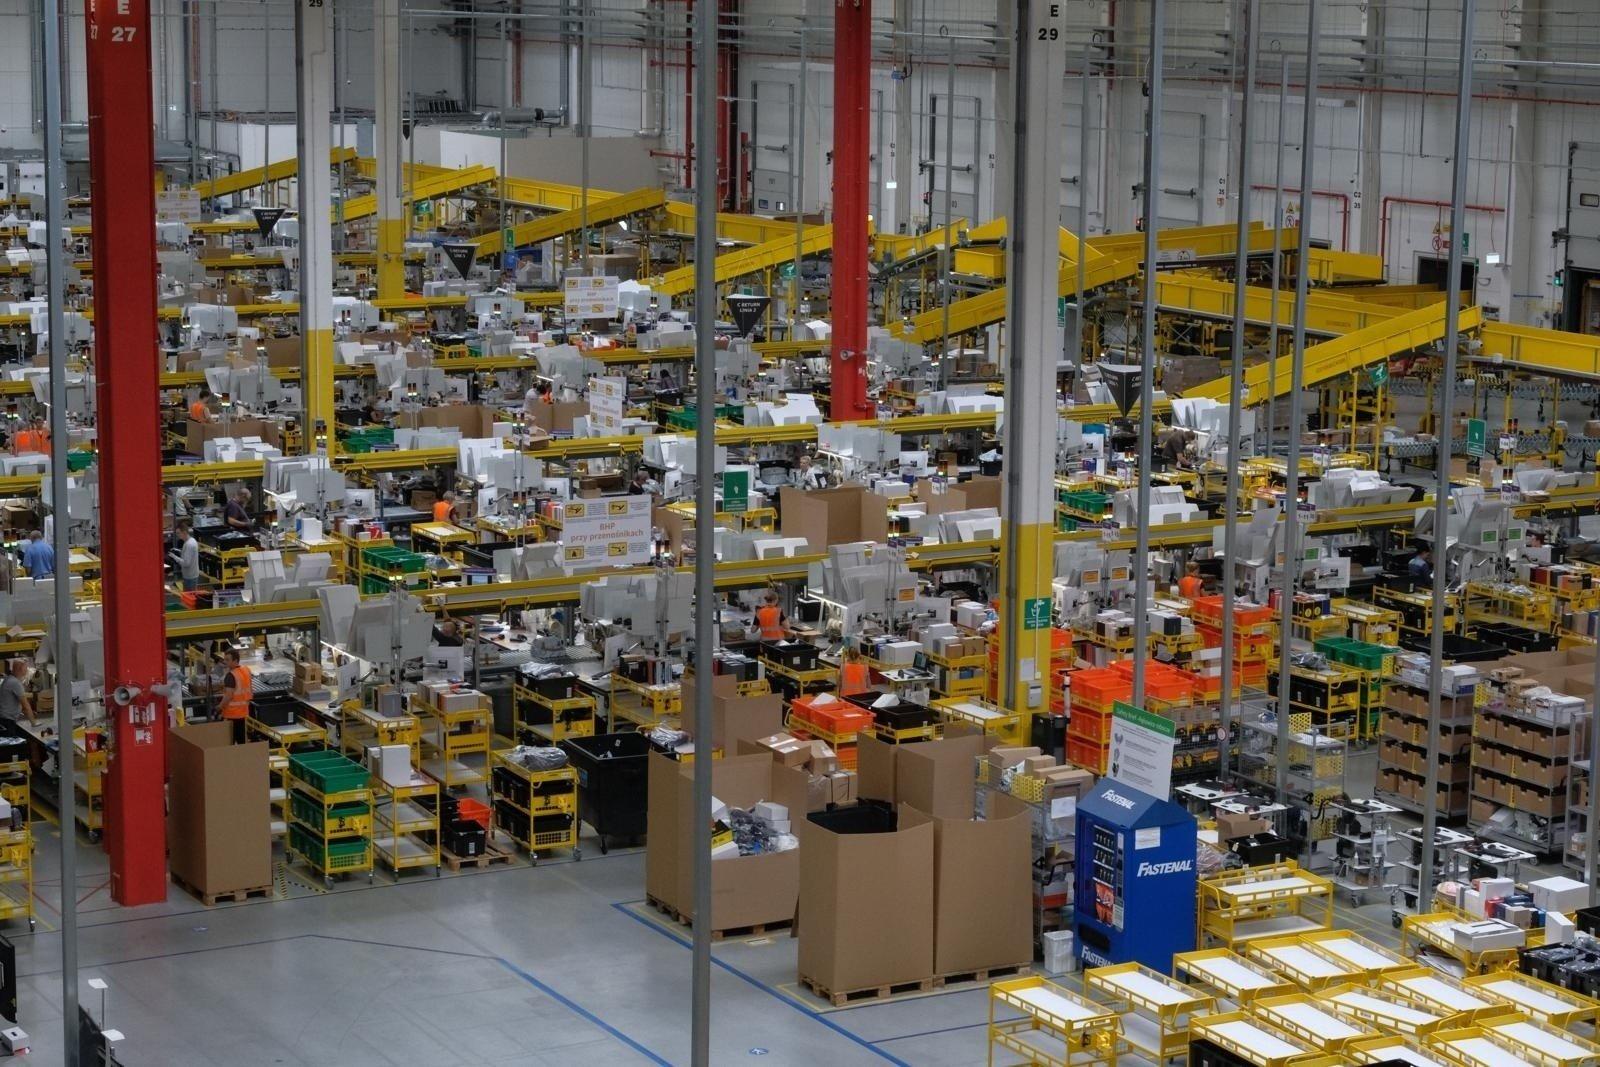 Amazon wchodzi do Polski. Przesyłki dostarczy Poczta Polska? Amazon zagrozi naszym sklepom internetowym? [19. 2. 2020 r.]   Dziennik Zachodni